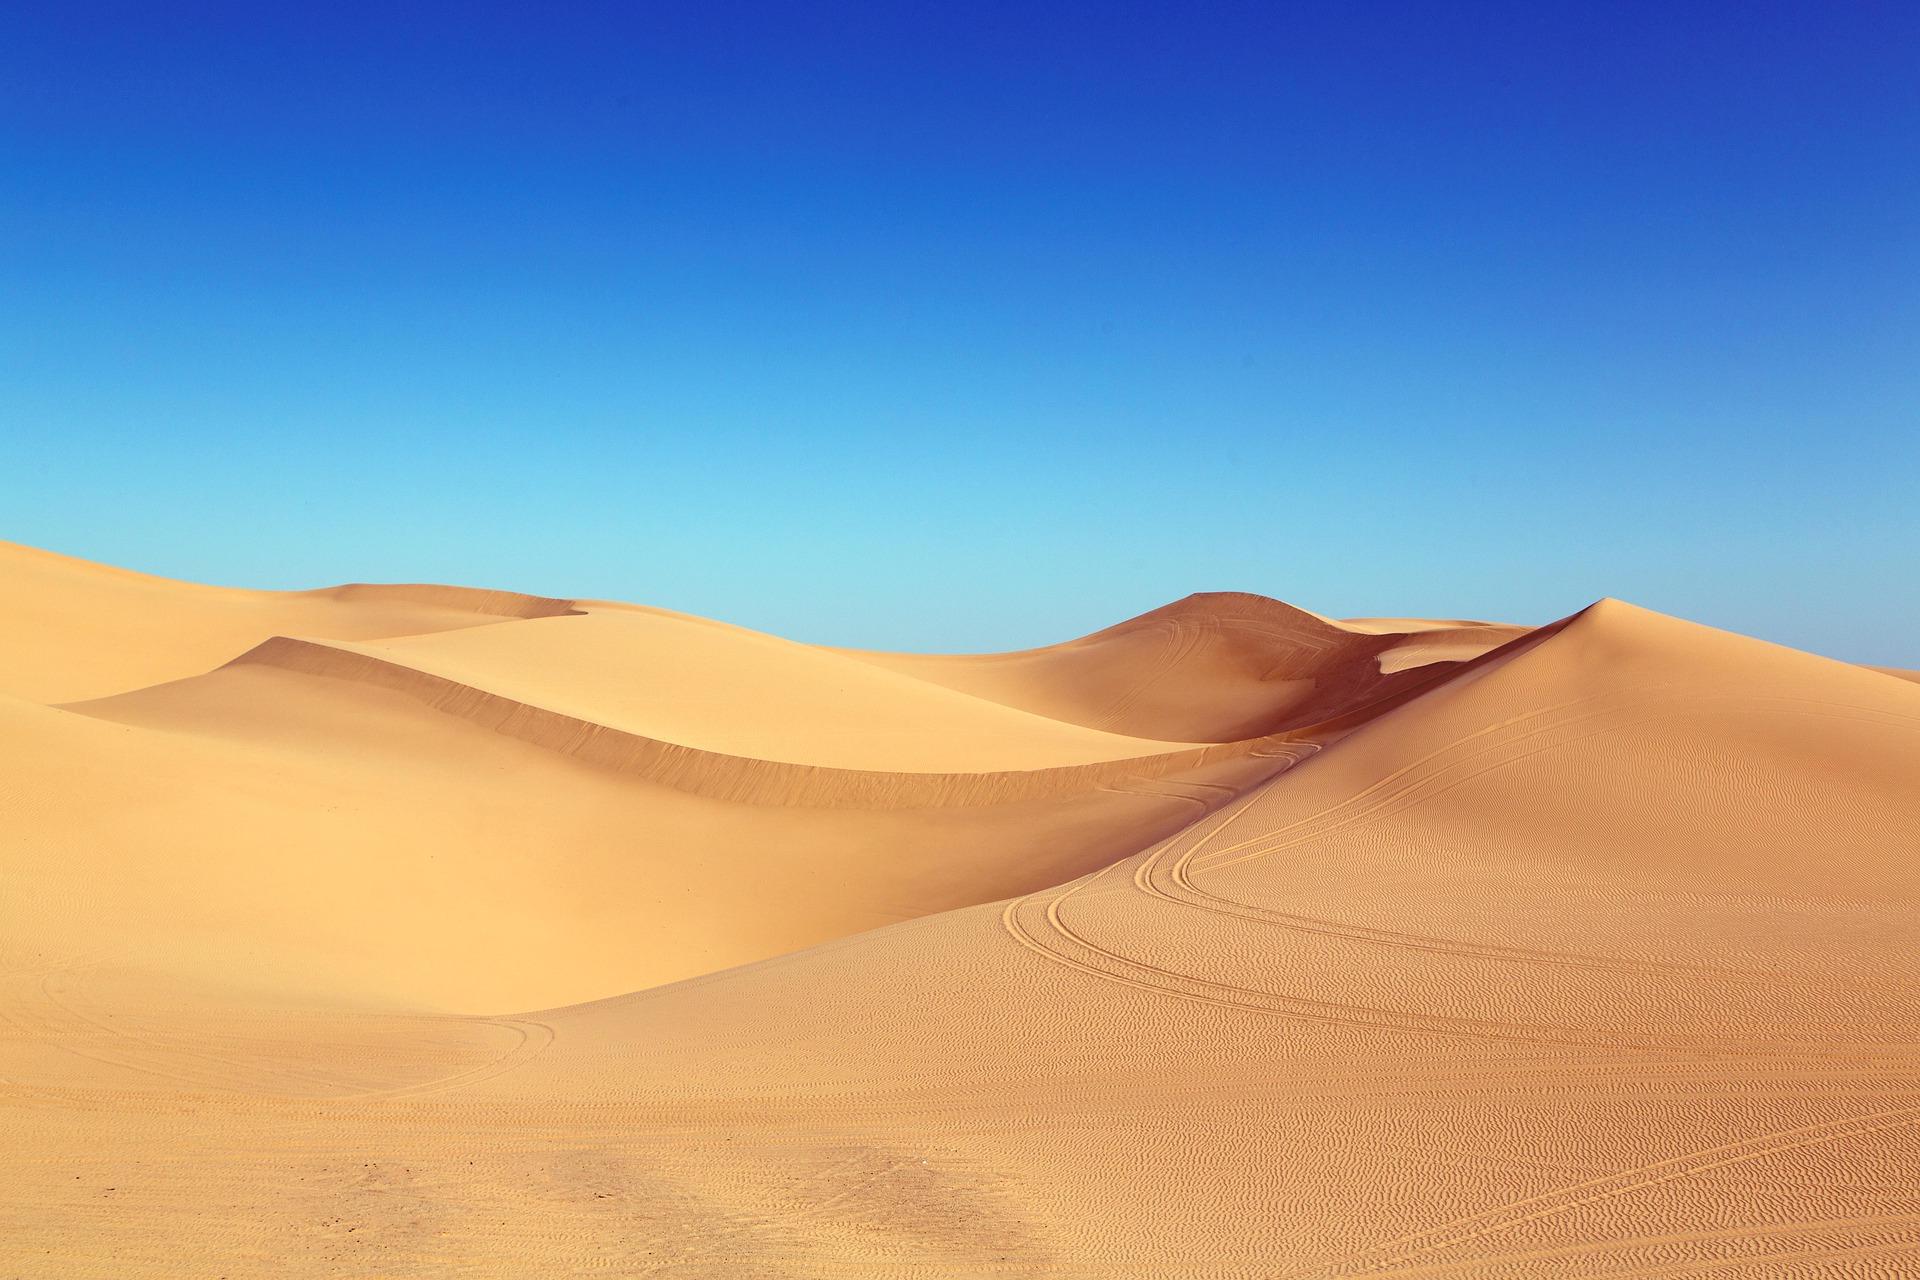 desert-1654439_1920